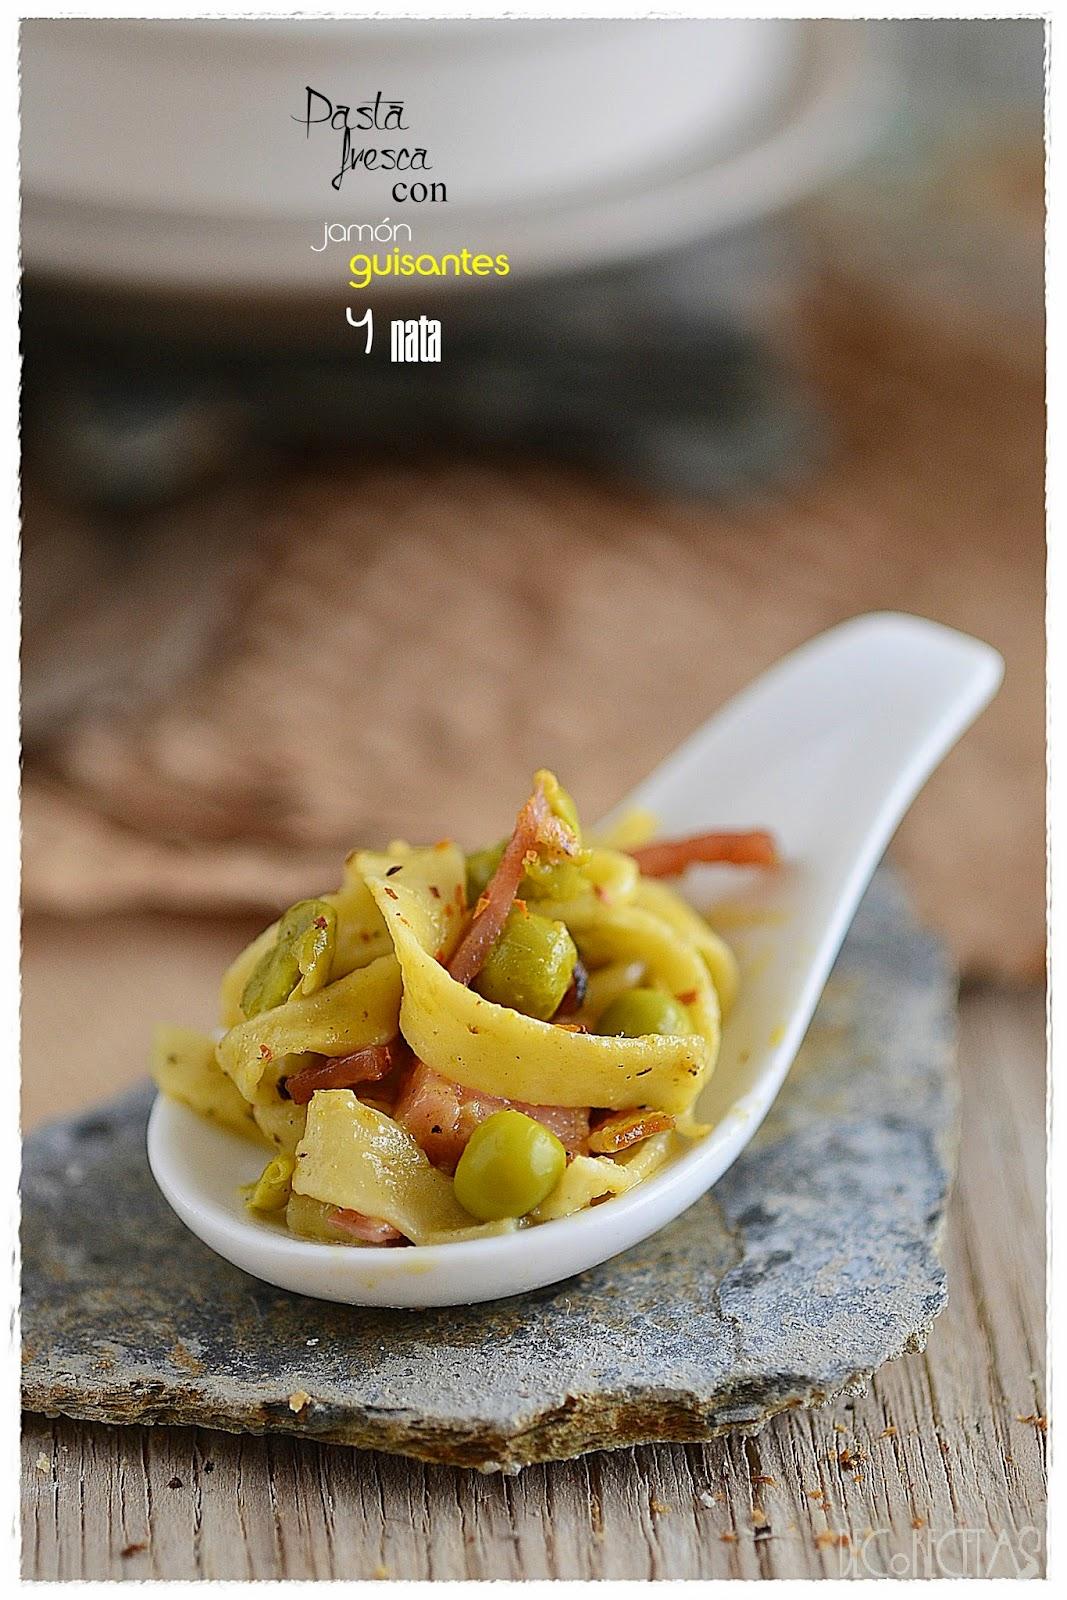 Pasta fresca con jamón, guisantes y nata